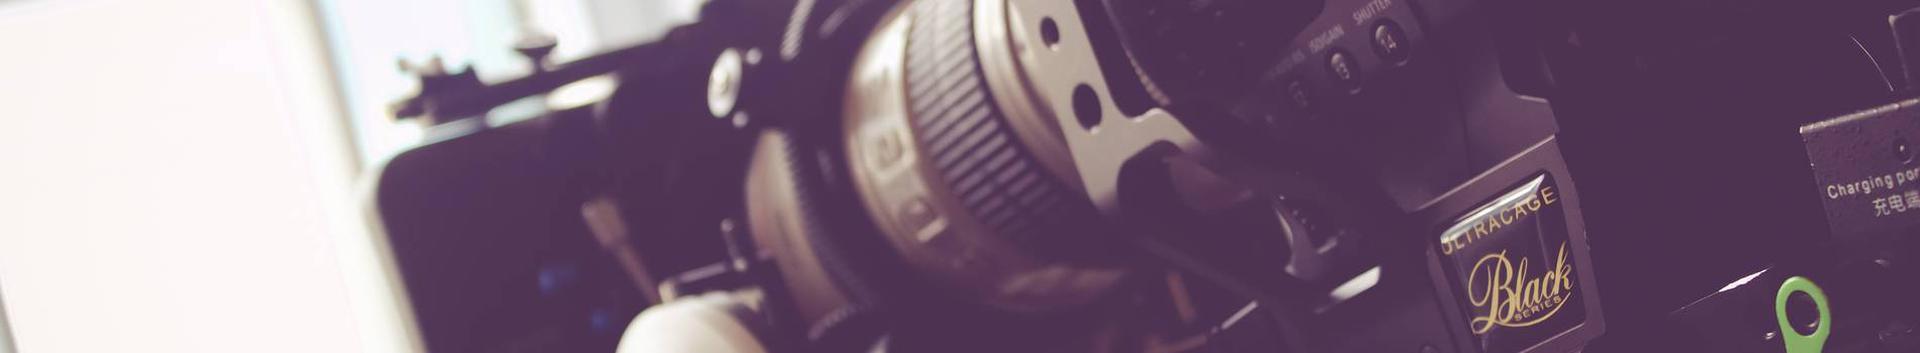 59111_kinofilmide-videod-tootmine_47940838_xl.jpg